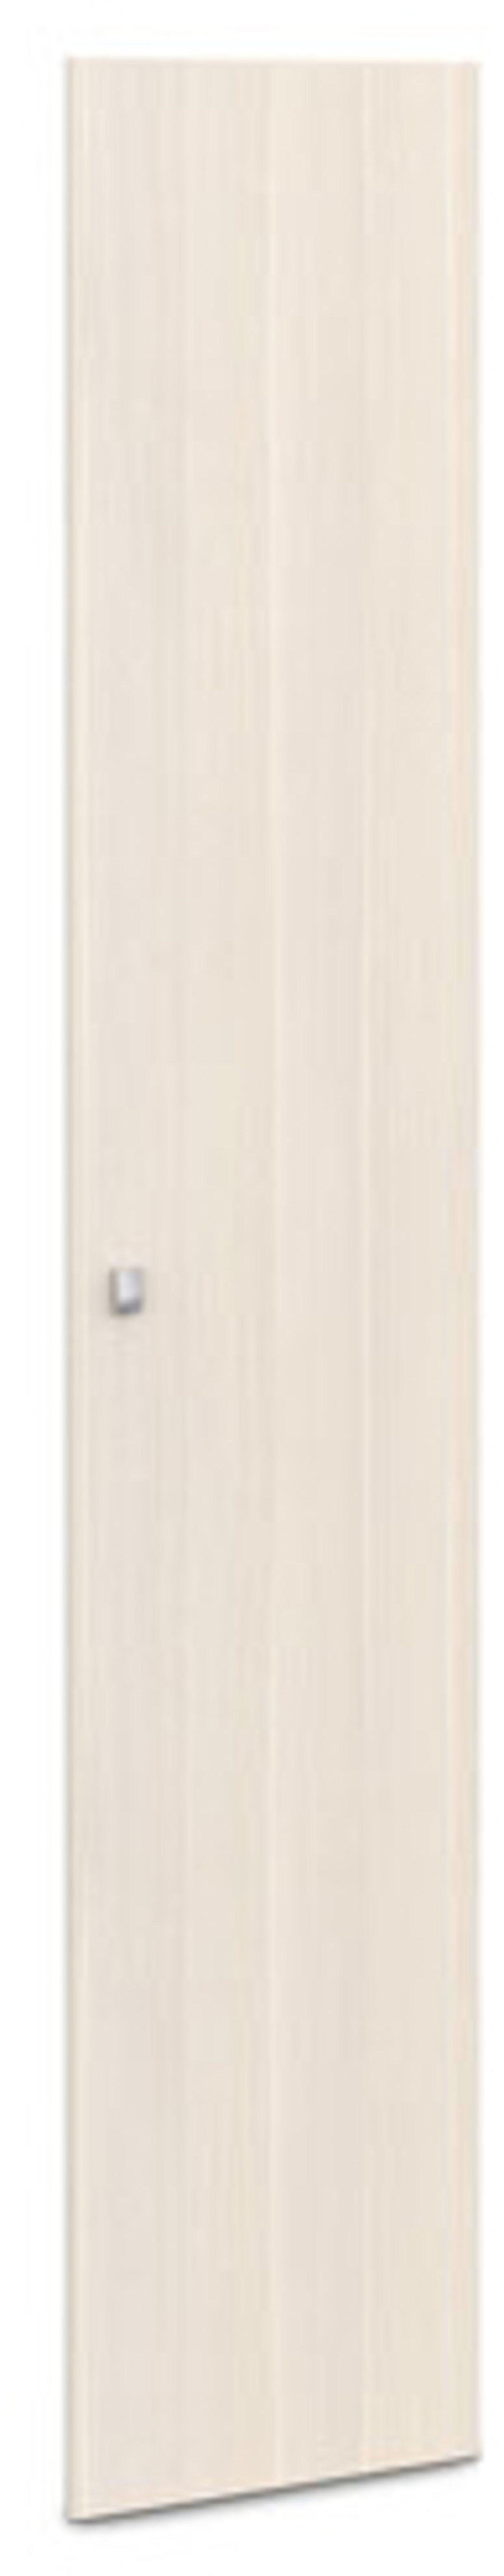 Дверь ЛДСП - фото 3